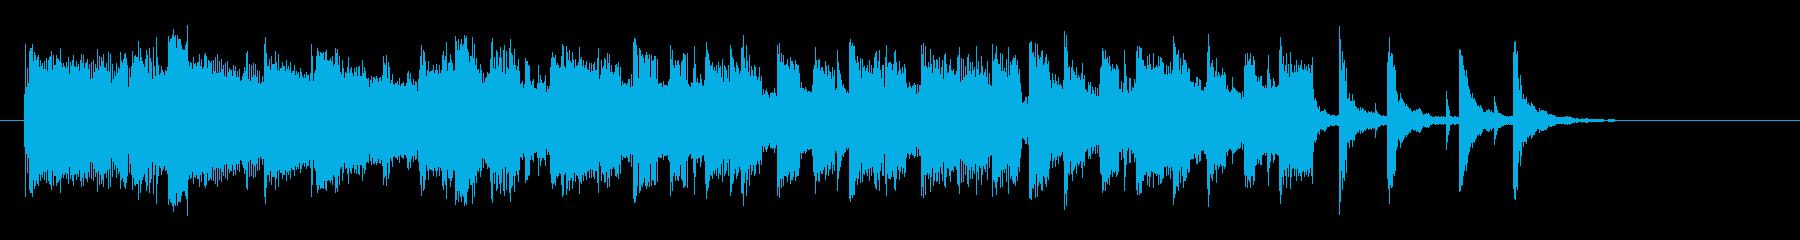 ドラマチック、ポップなソフトロックの再生済みの波形